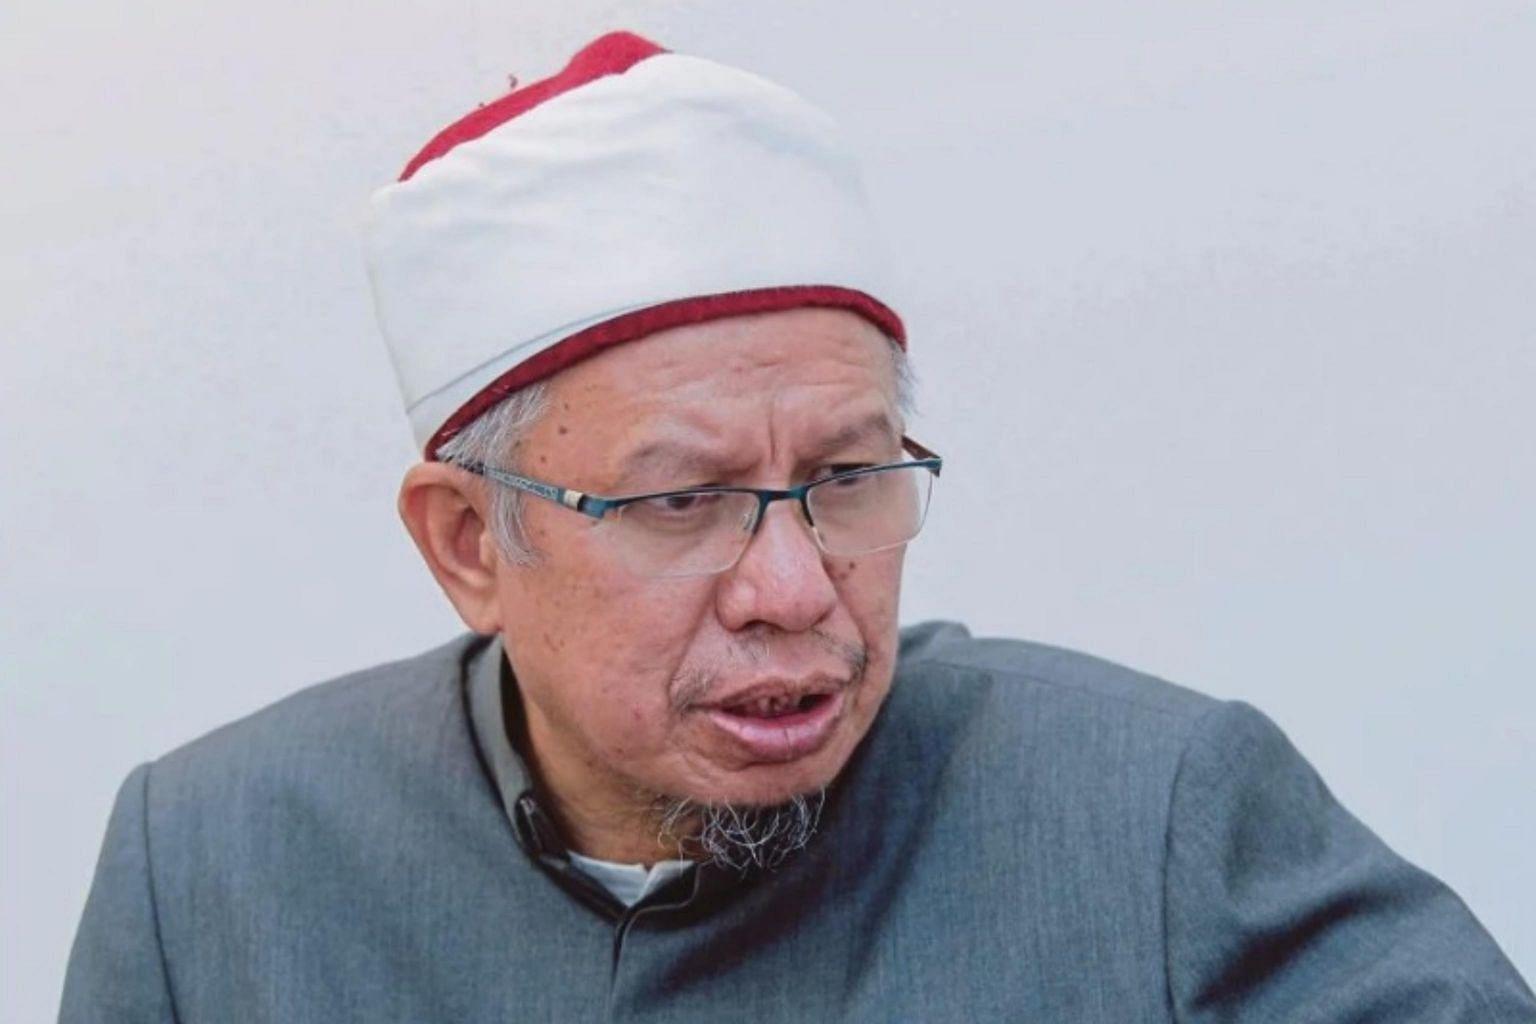 Menteri di Jabatan Perdana Menteri Hal Ehwal Agama, Dr. Zulkifli Mohamad Al-Bakri , berkata Malaysia tidak akan menghantar jemaah haji bagi tahun ini